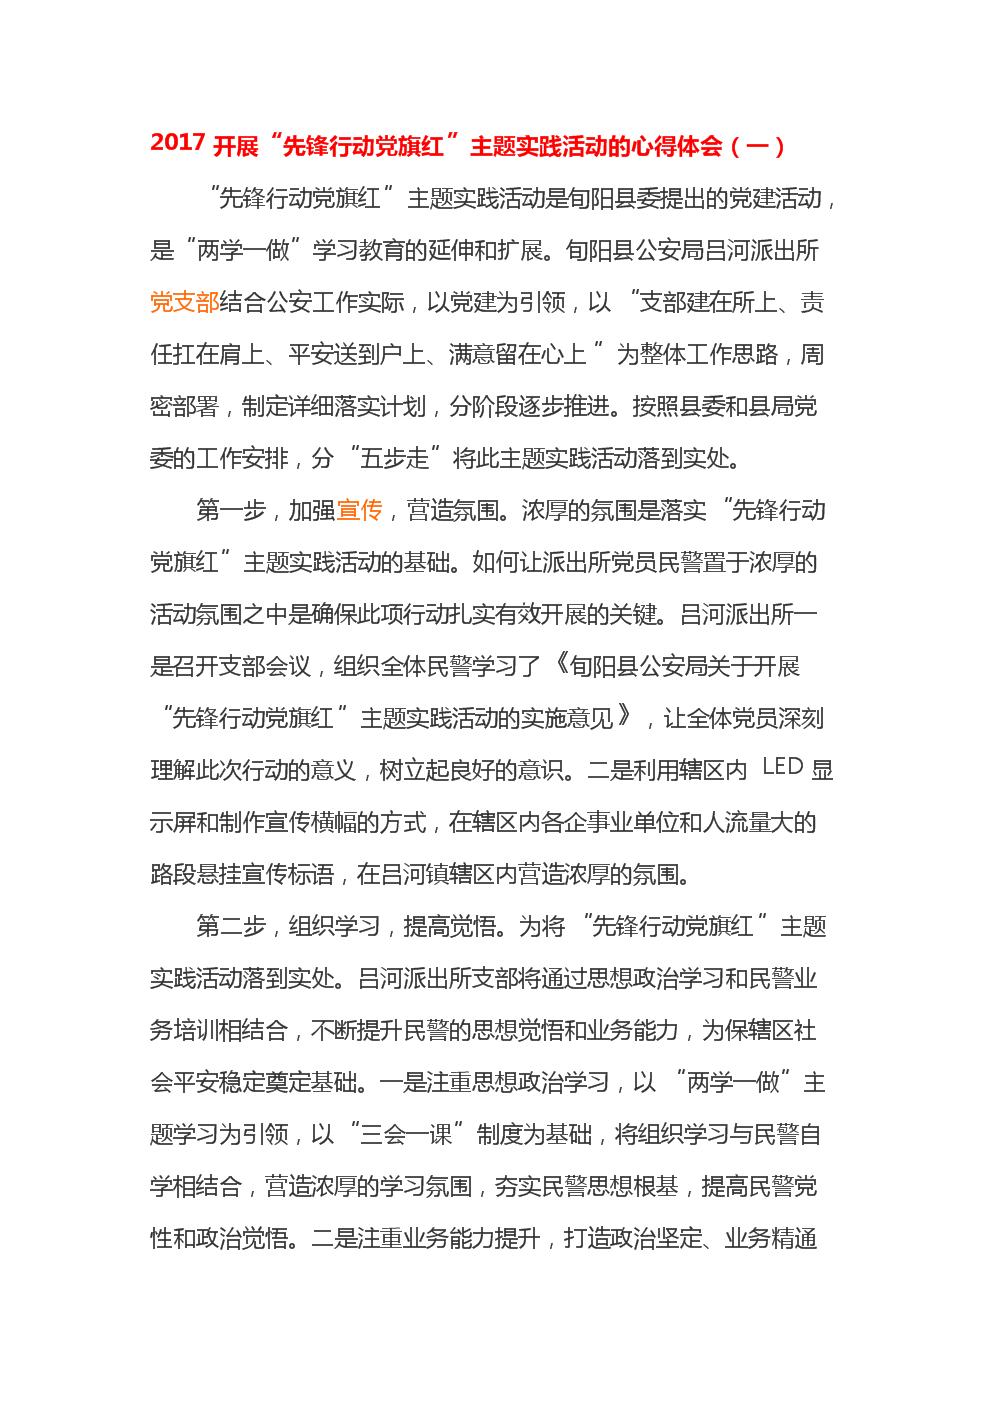 """2017年开展""""先锋行动党旗红""""主题实践活动的心得体会."""